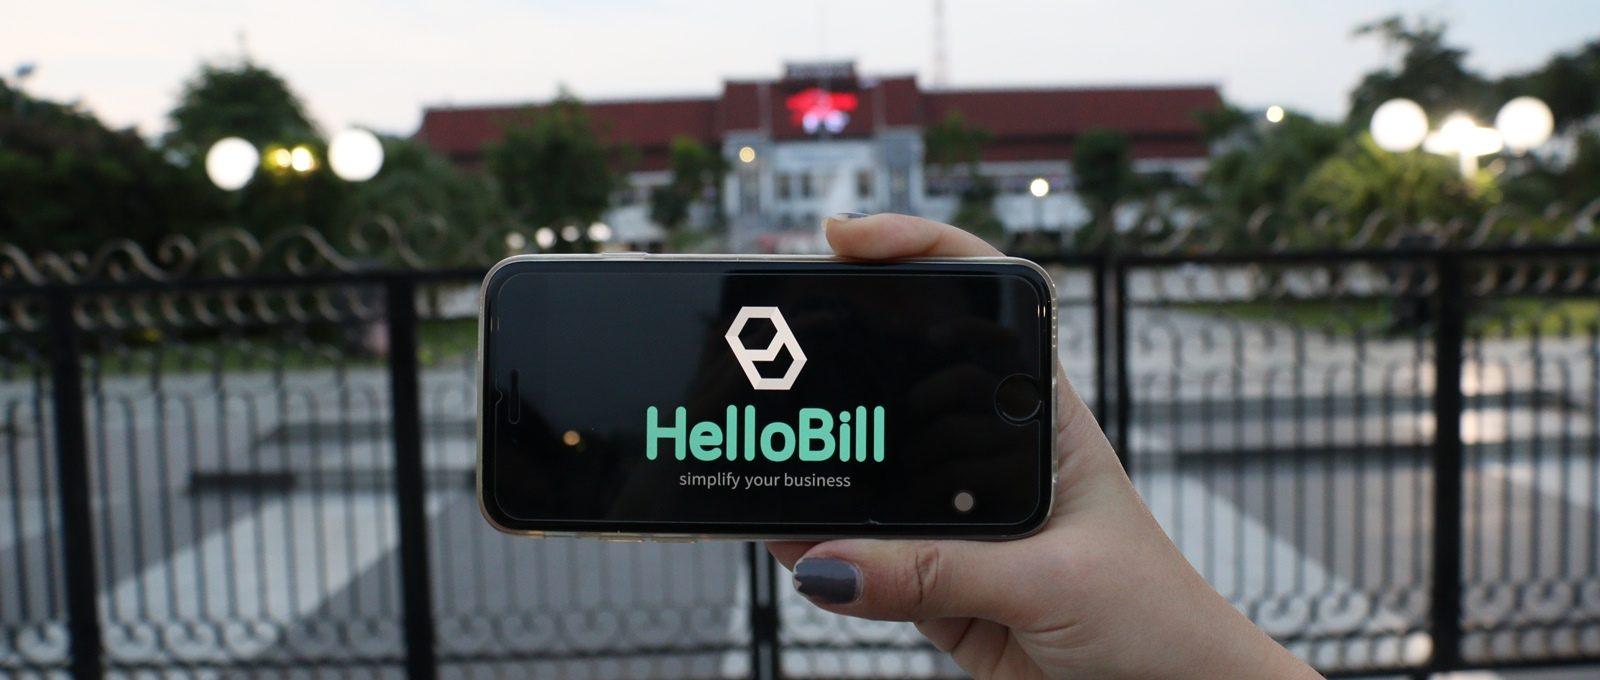 Kabar dari Surabaya: HelloBill Eksis di East Food 2017